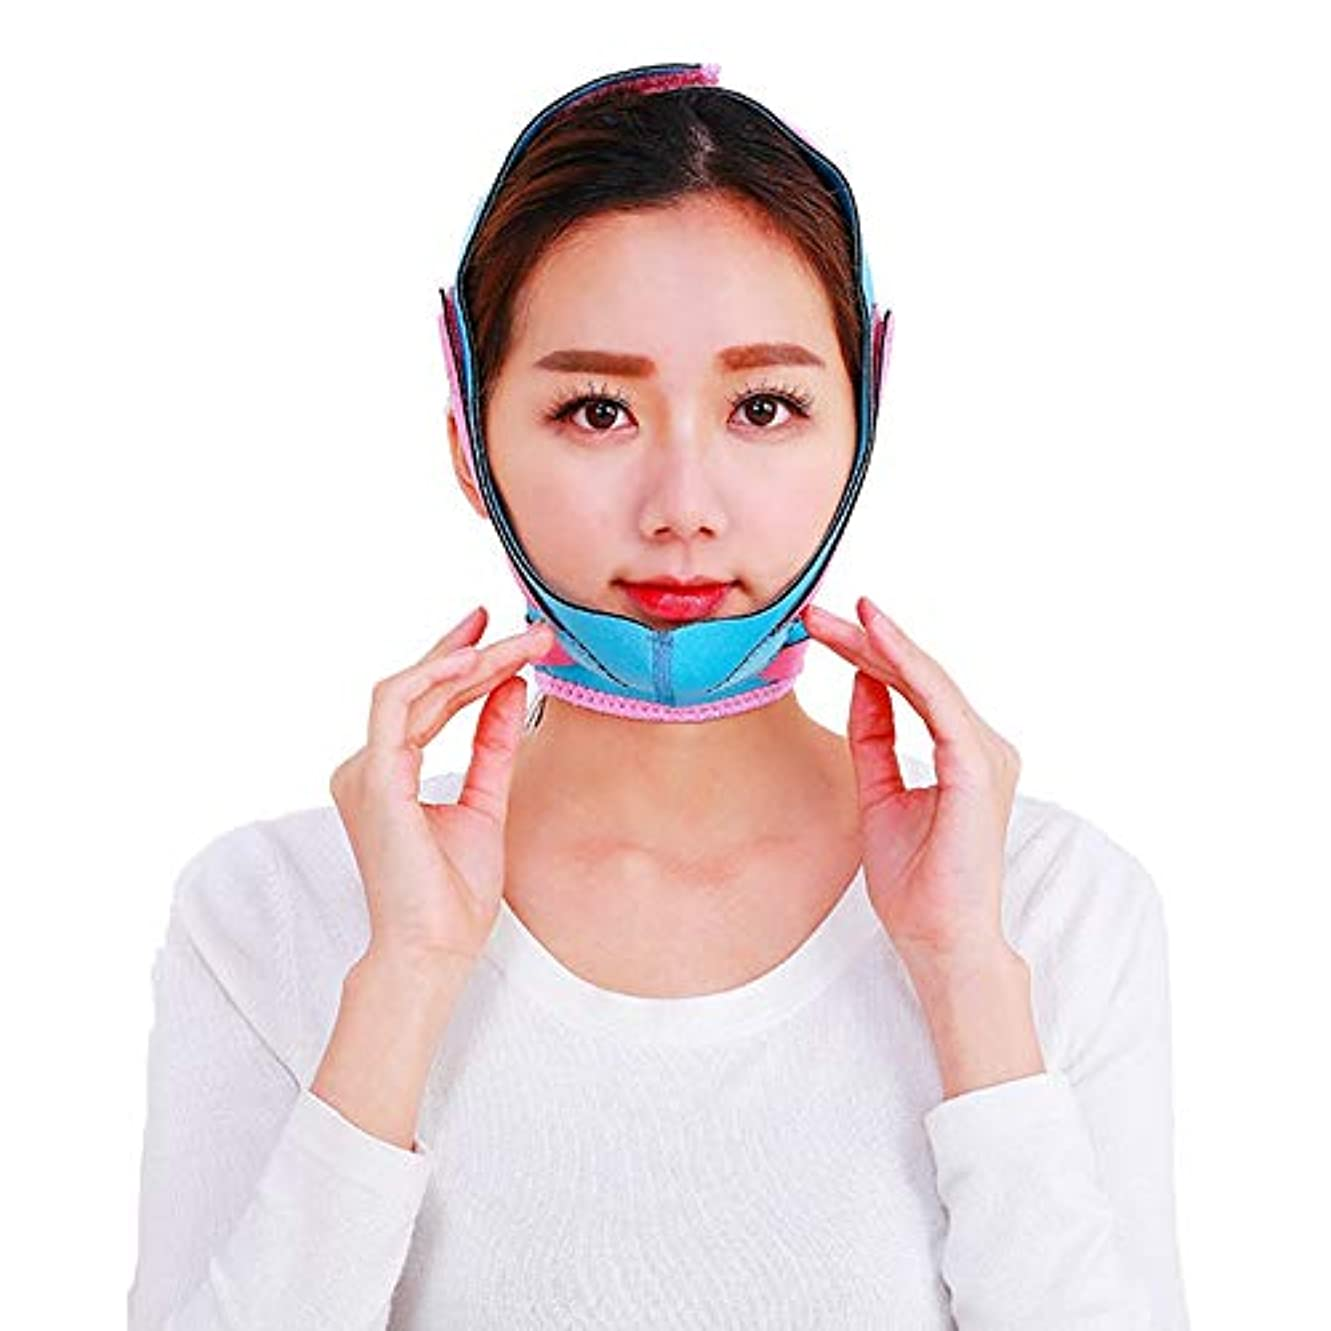 従事する導出特許フェイスリフトベルト 薄い顔のベルト - 薄い顔のベルト通気性のある顔の包帯前面のリフティングマスクVの顔薄い面の小さな持ち上げツール